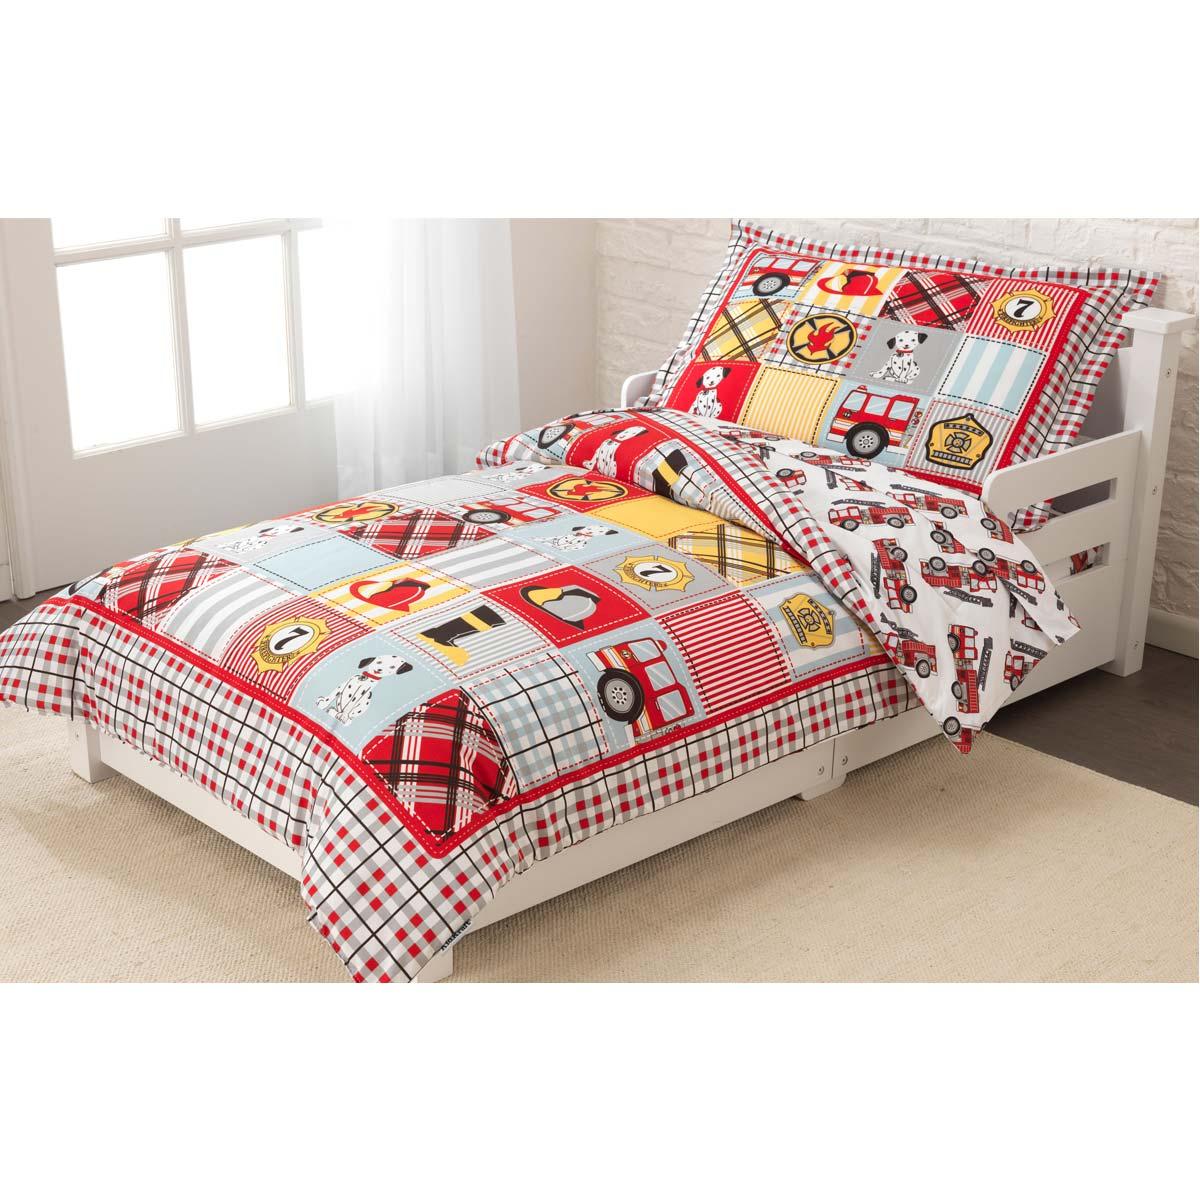 Kidkraft 77003 biancheria da letto per bambini - Biancheria per letto ...